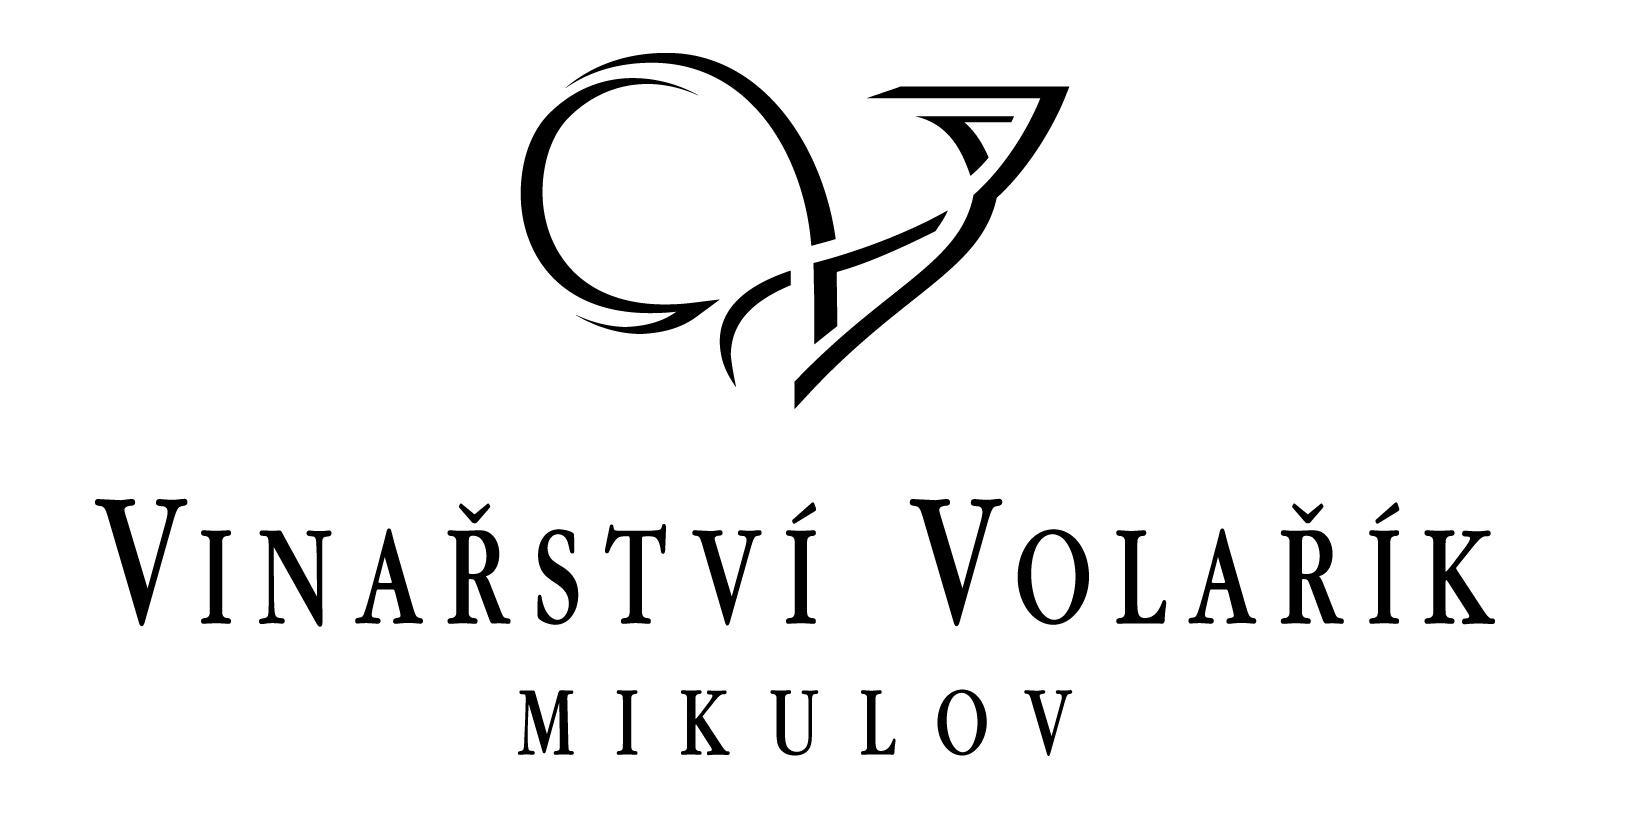 Řízená degustace vín - Vinařství Volařík, Mikulov - 27. 6. 2018